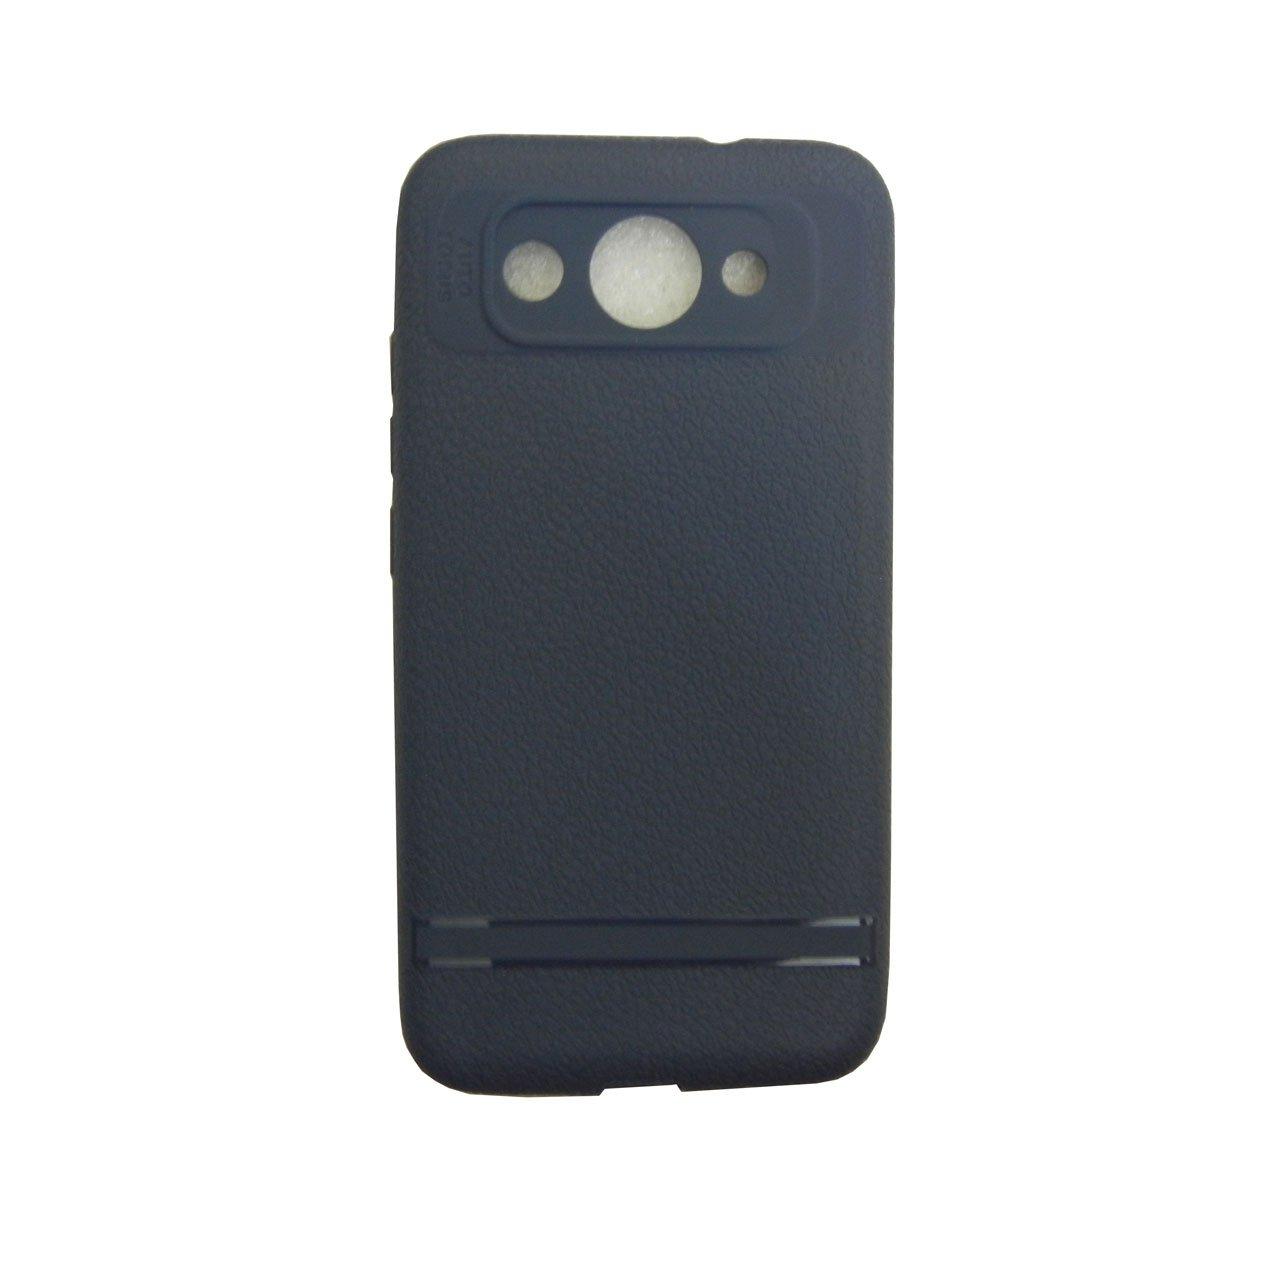 کاور موبایل مناسب برای سامسونگ J1 ACE